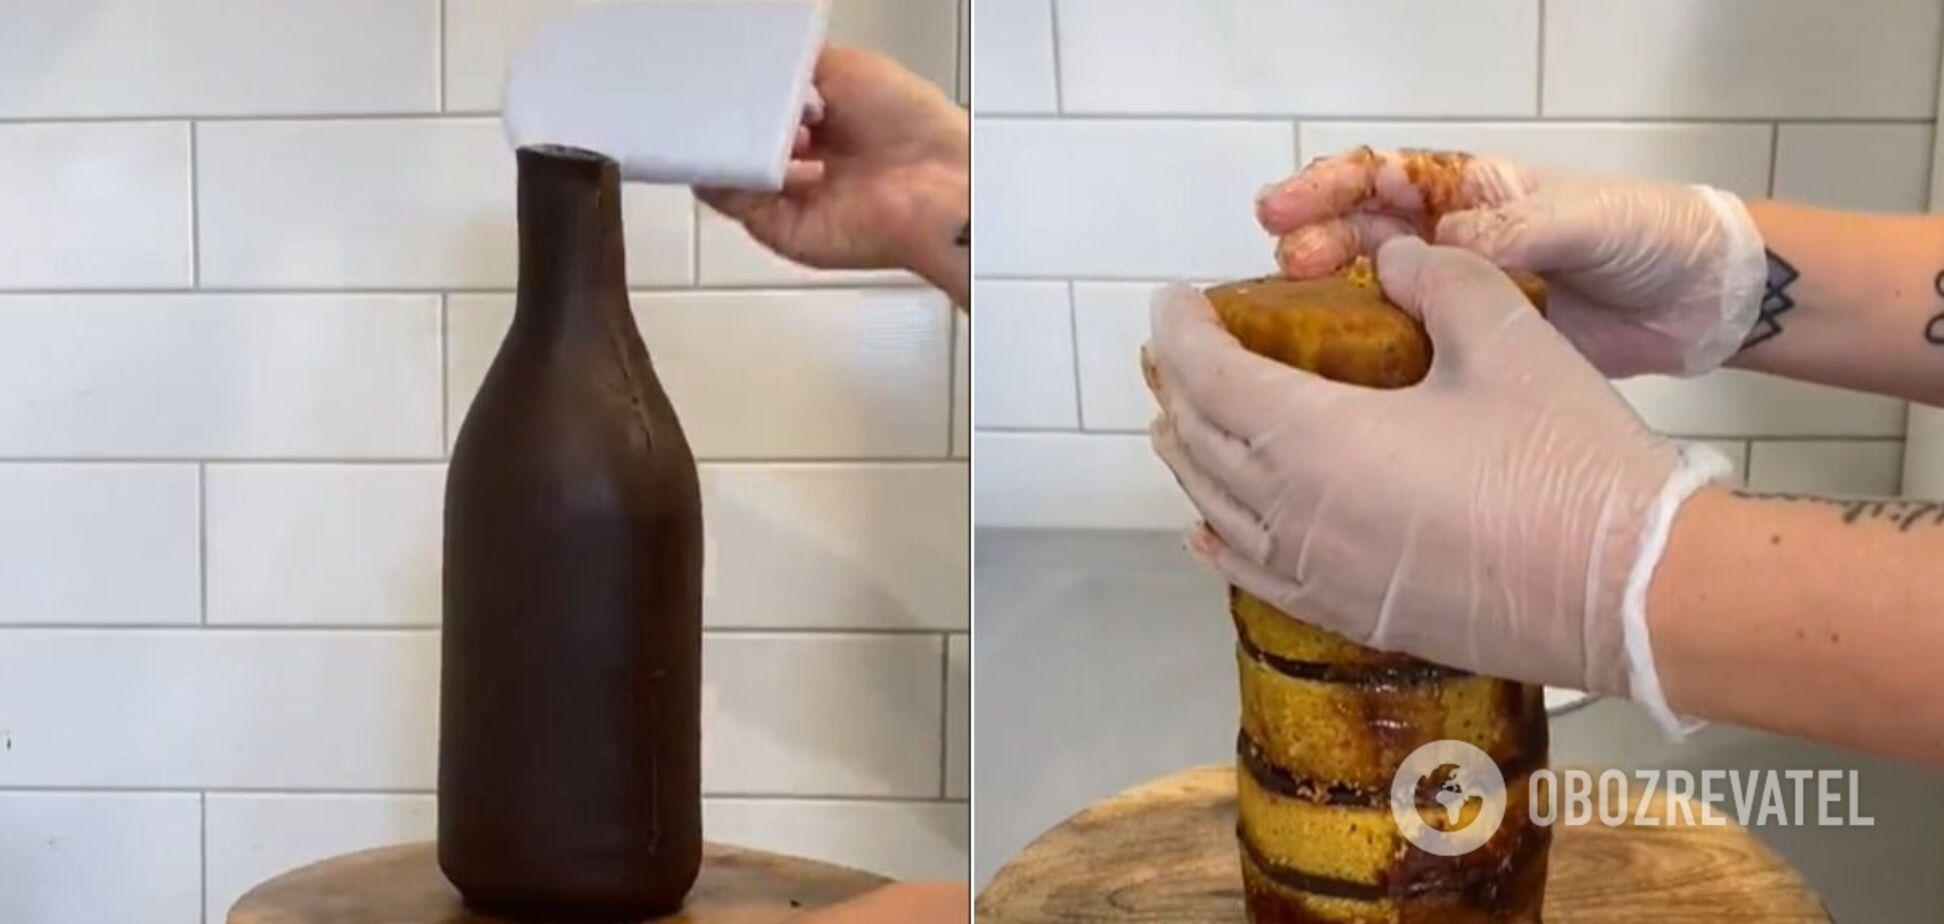 Торт-пиво миллионы людей назвали сладкой оптической иллюзией. Видео кулинарного шедевра